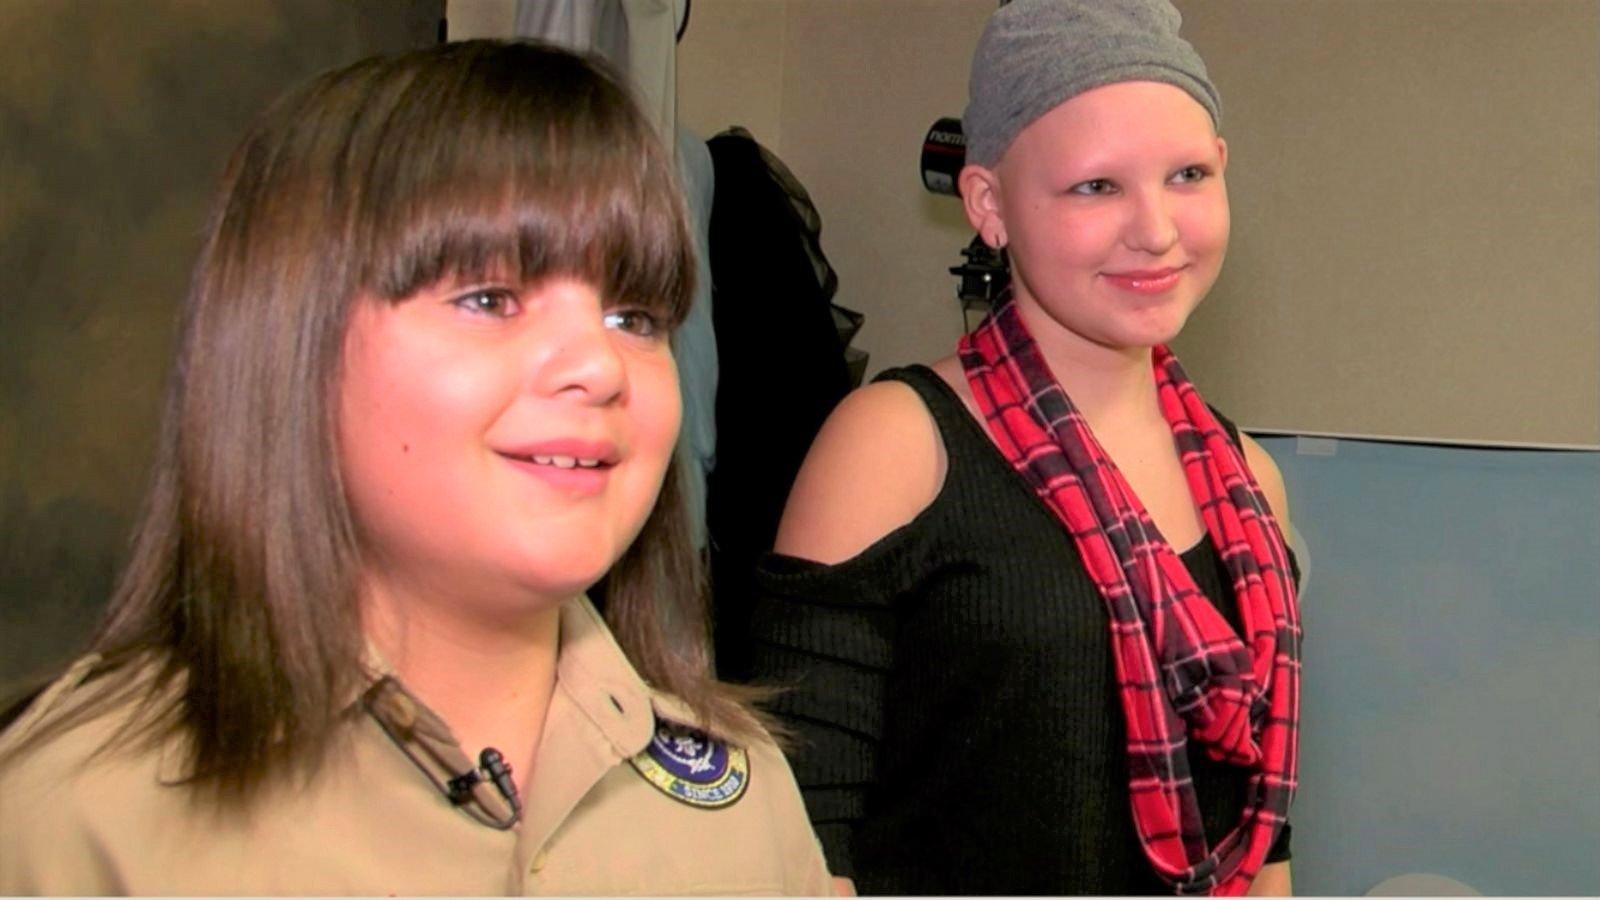 170104 vod orig boy donates hair 16x9 1600 - Cette fillette malade est chauve, ce que fait ce garçon de 10 ans va vous surprendre